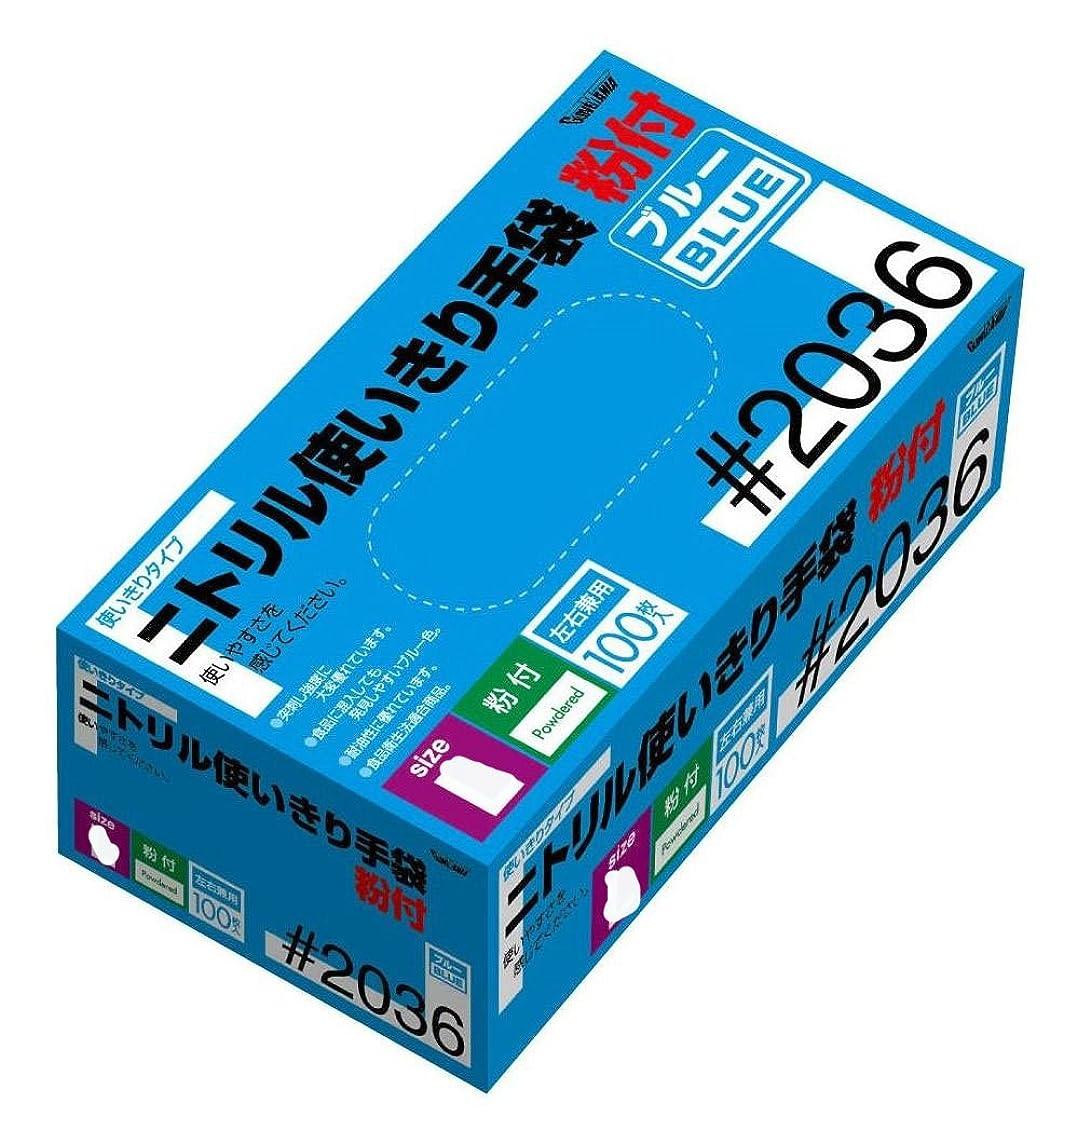 漂流あたり返済川西工業 ニトリル使い切り手袋 粉付 100枚入 #2036 ブルー SS